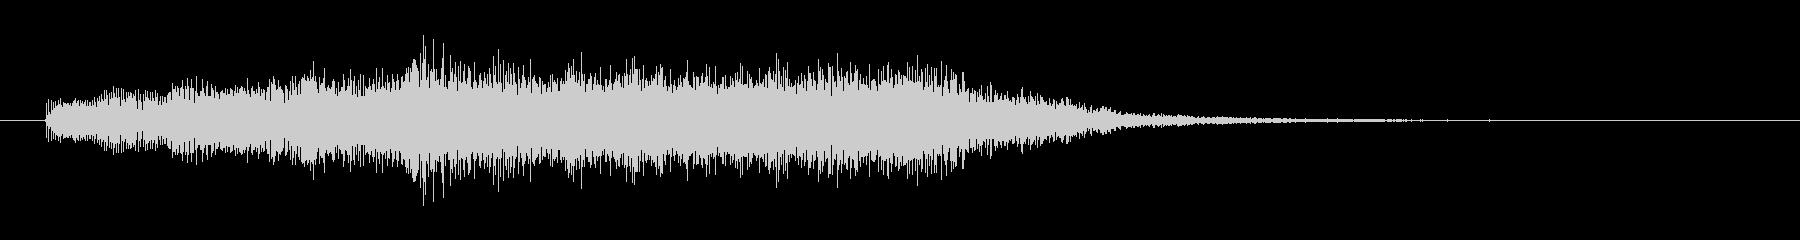 壮大なシンセサイザーコーラスのSE02の未再生の波形